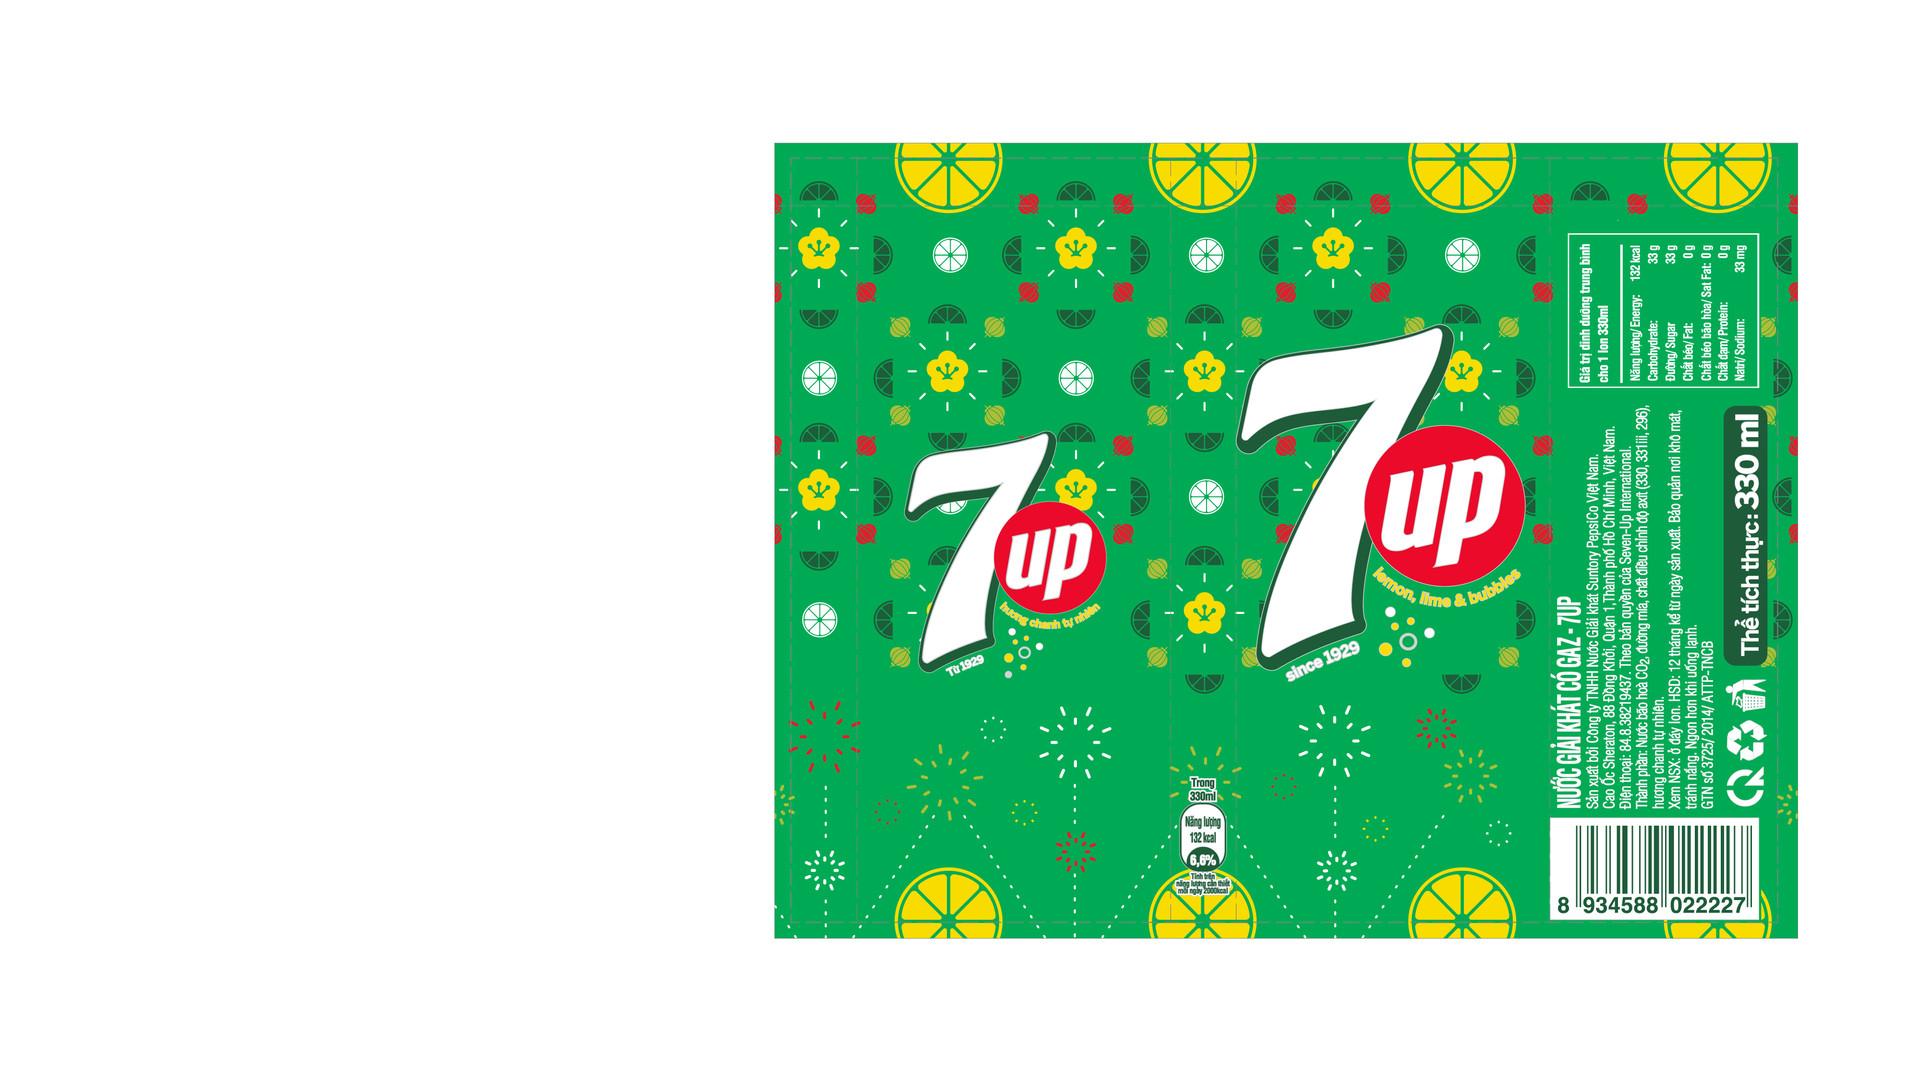 7 up Labels-12.jpg